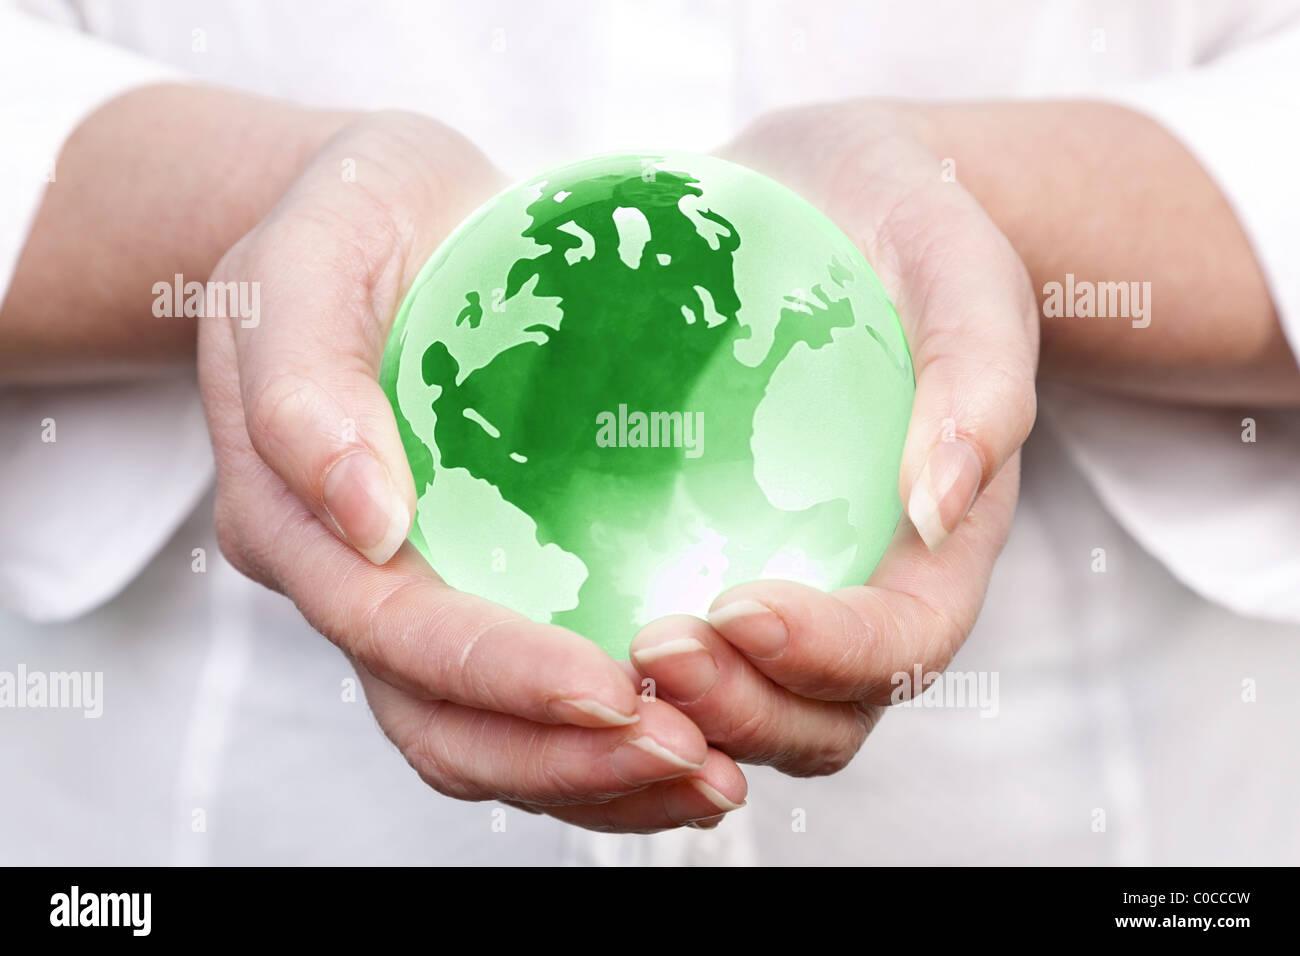 Photo d'une femme tenant un globe en verre verte dans ses mains, concept de droit pour l'environnement mondial Photo Stock